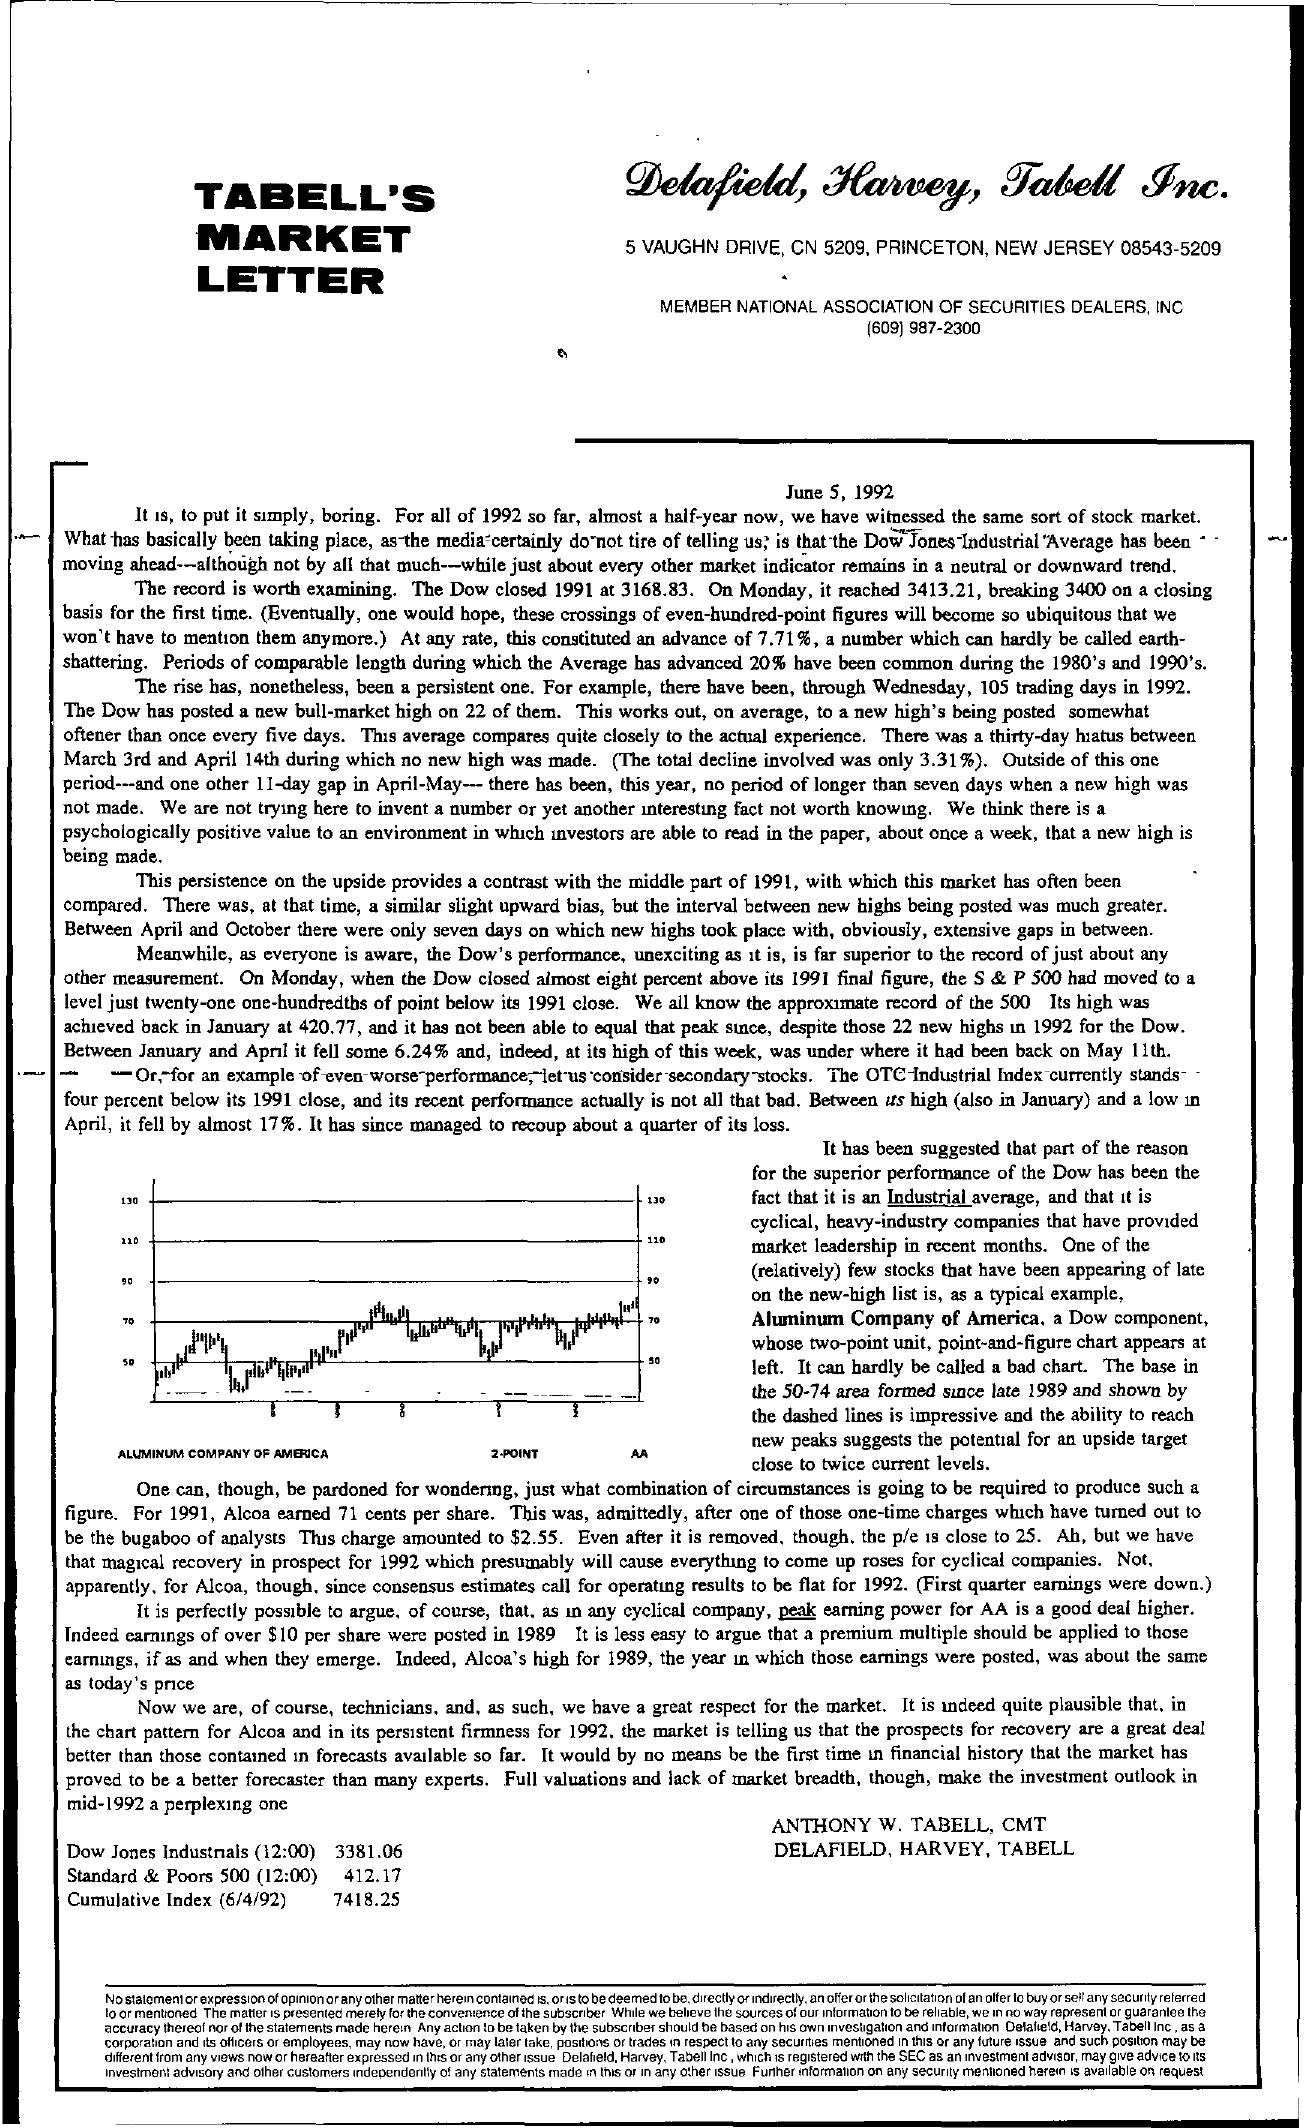 Tabell's Market Letter - June 05, 1992